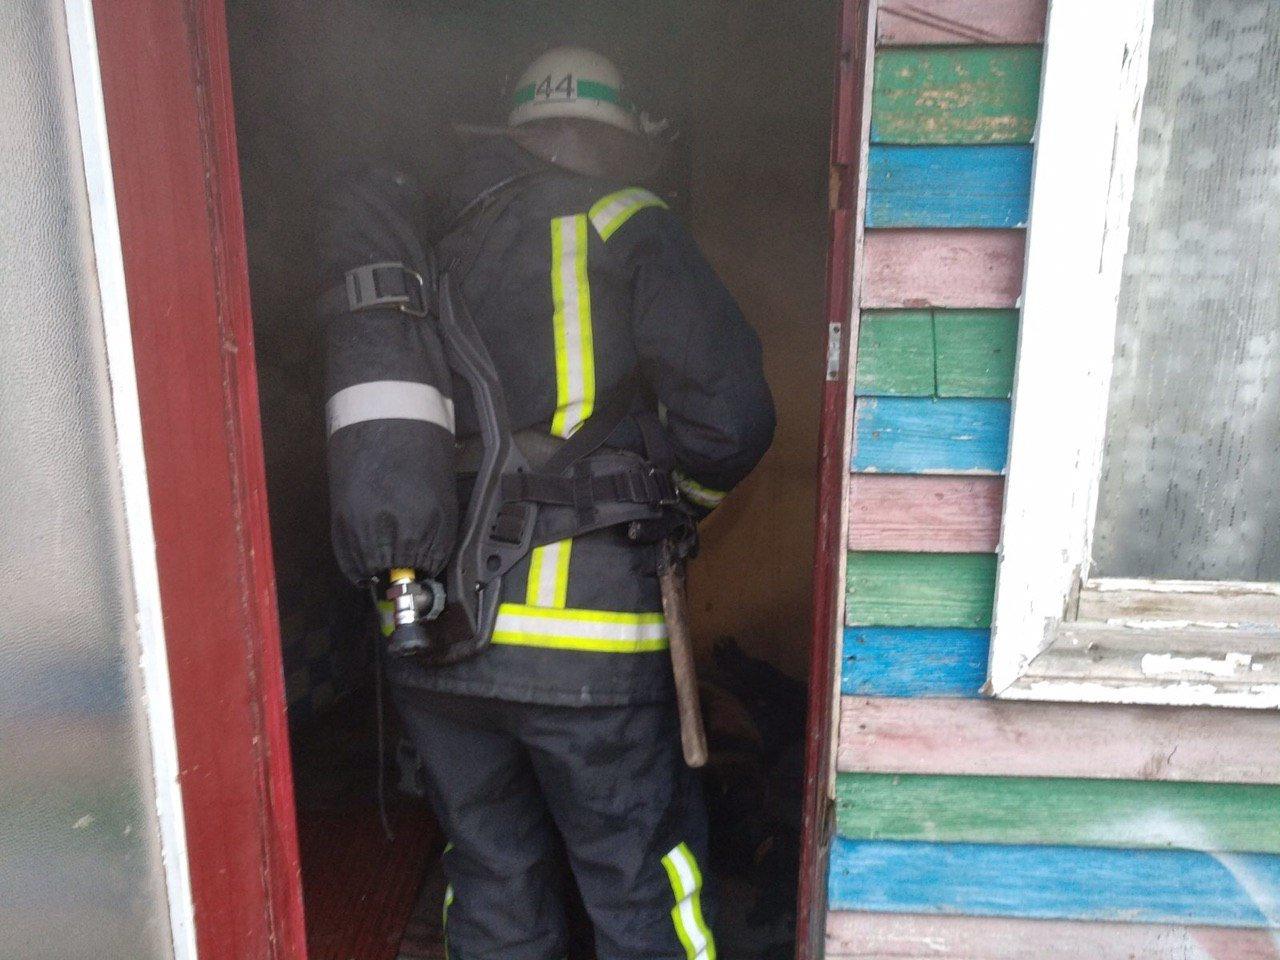 В Днепропетровской области на пожаре в жилом доме погиб мужчина, - ФОТО, ВИДЕО, фото-1